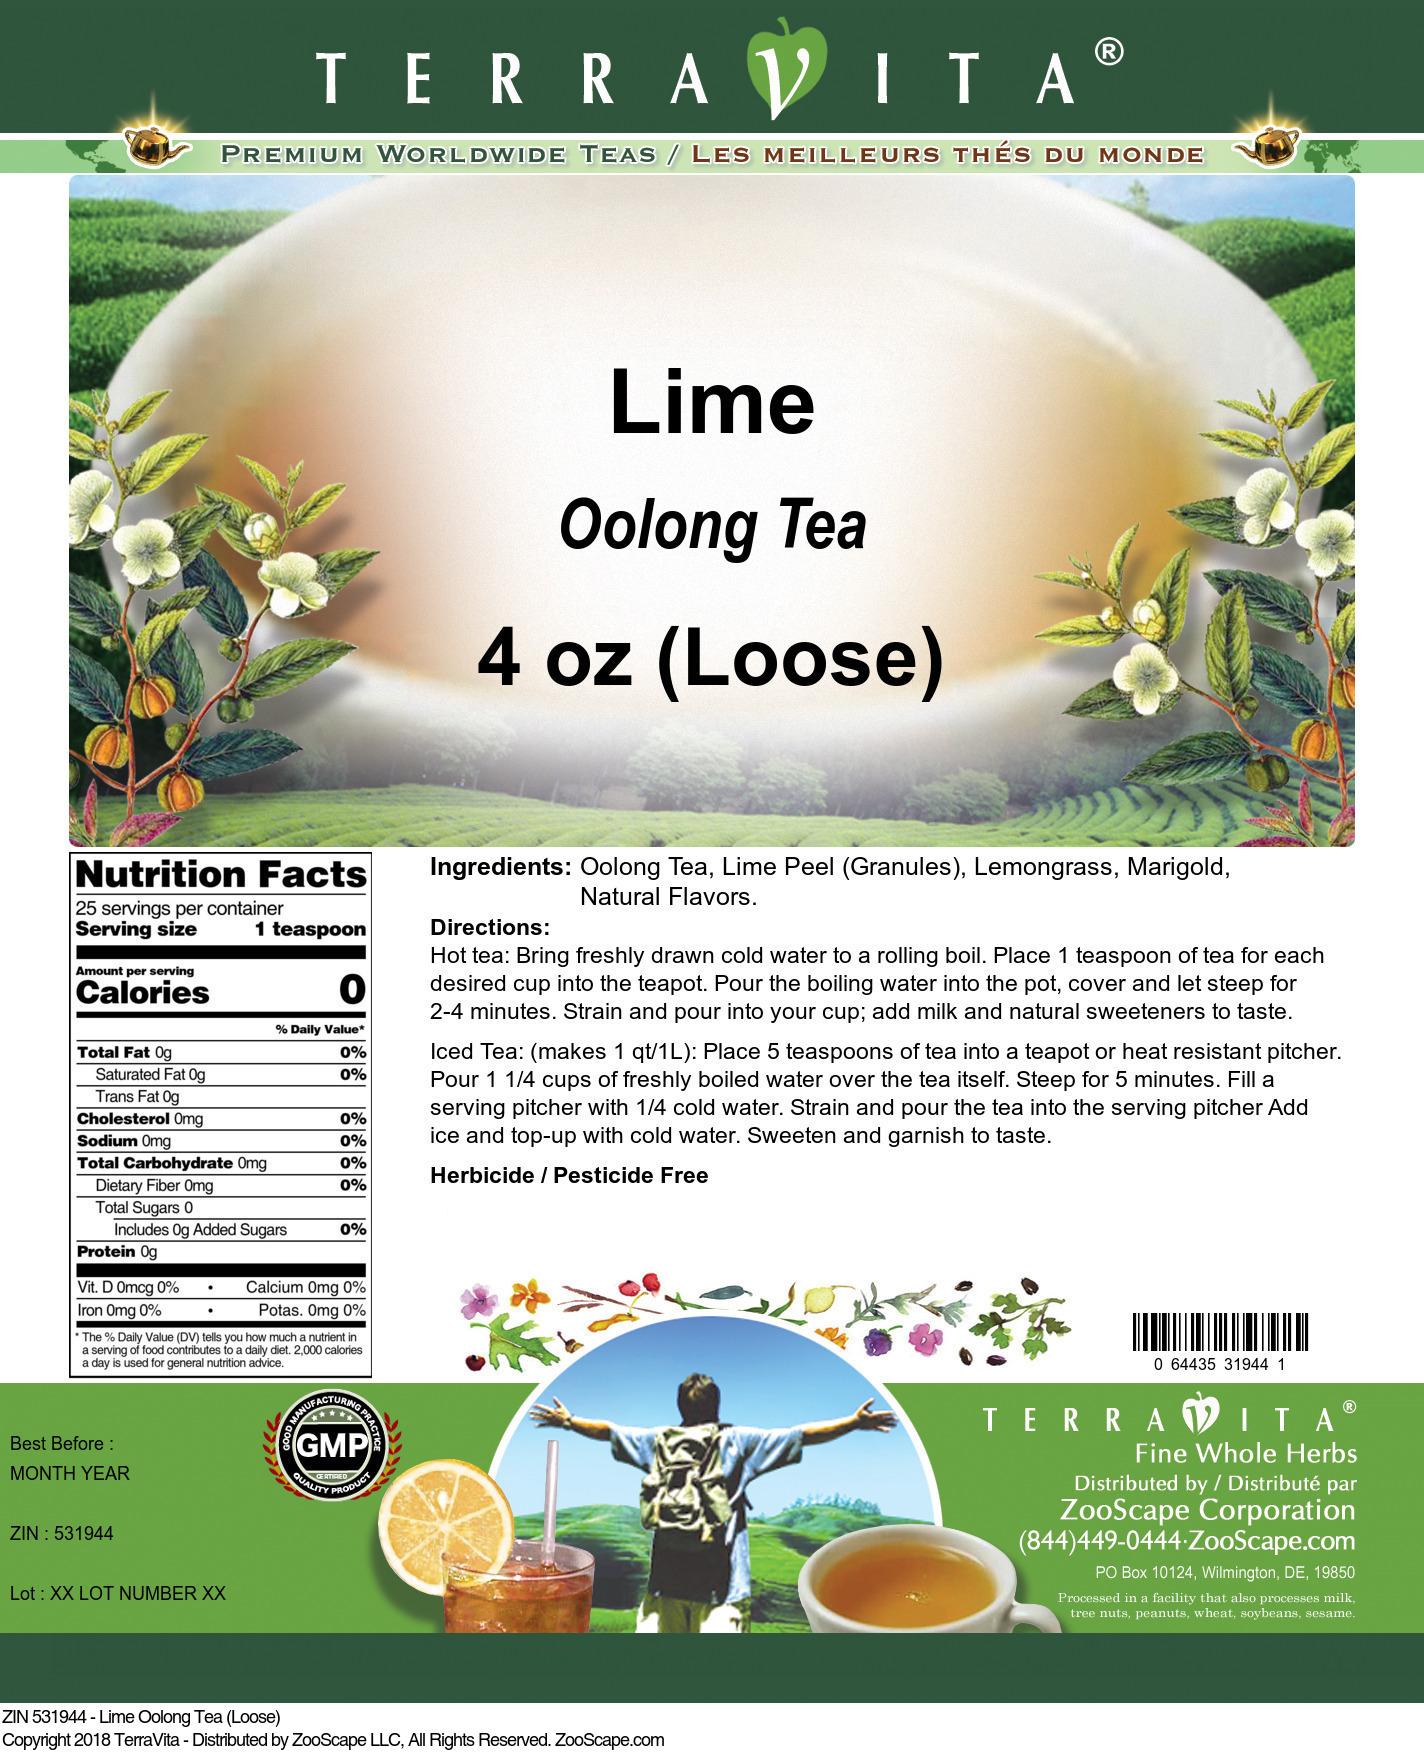 Lime Oolong Tea (Loose)